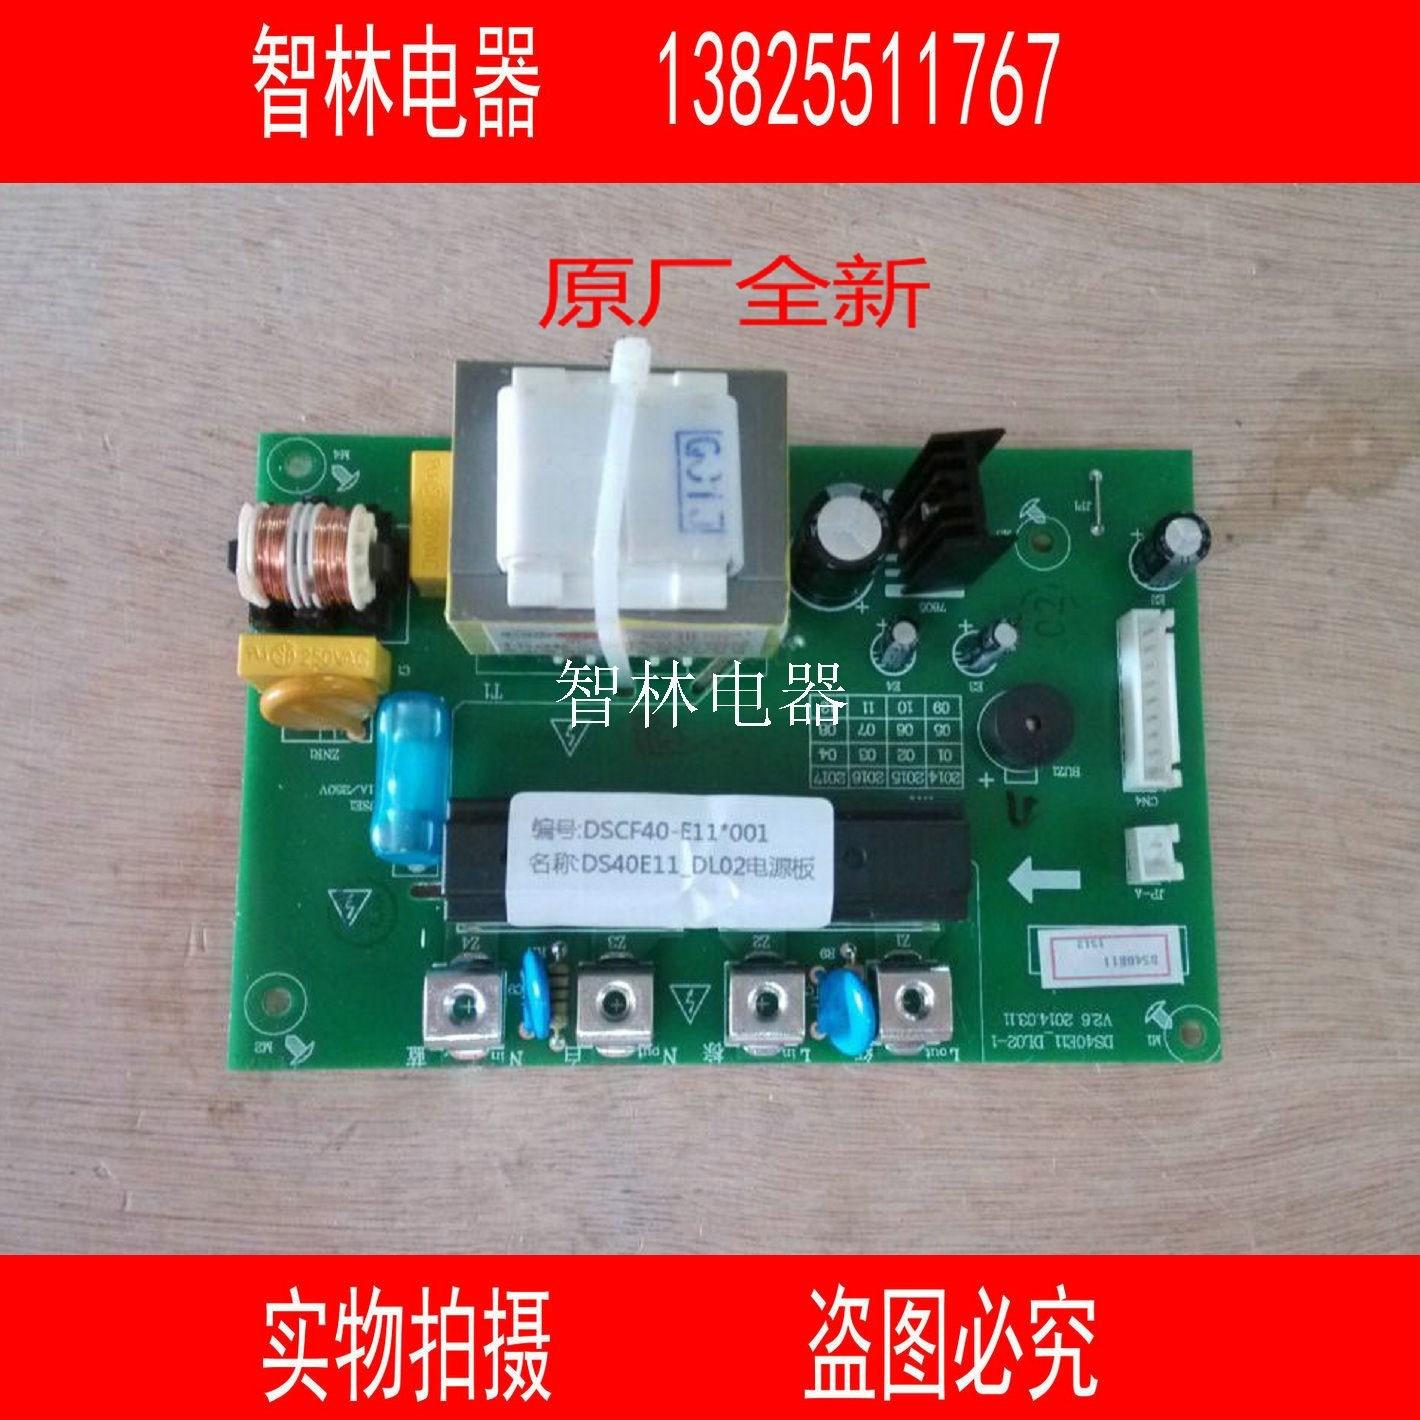 原厂全新万和电热水器配件电脑板DSCF40/50/60-E11 E12 E13电源板